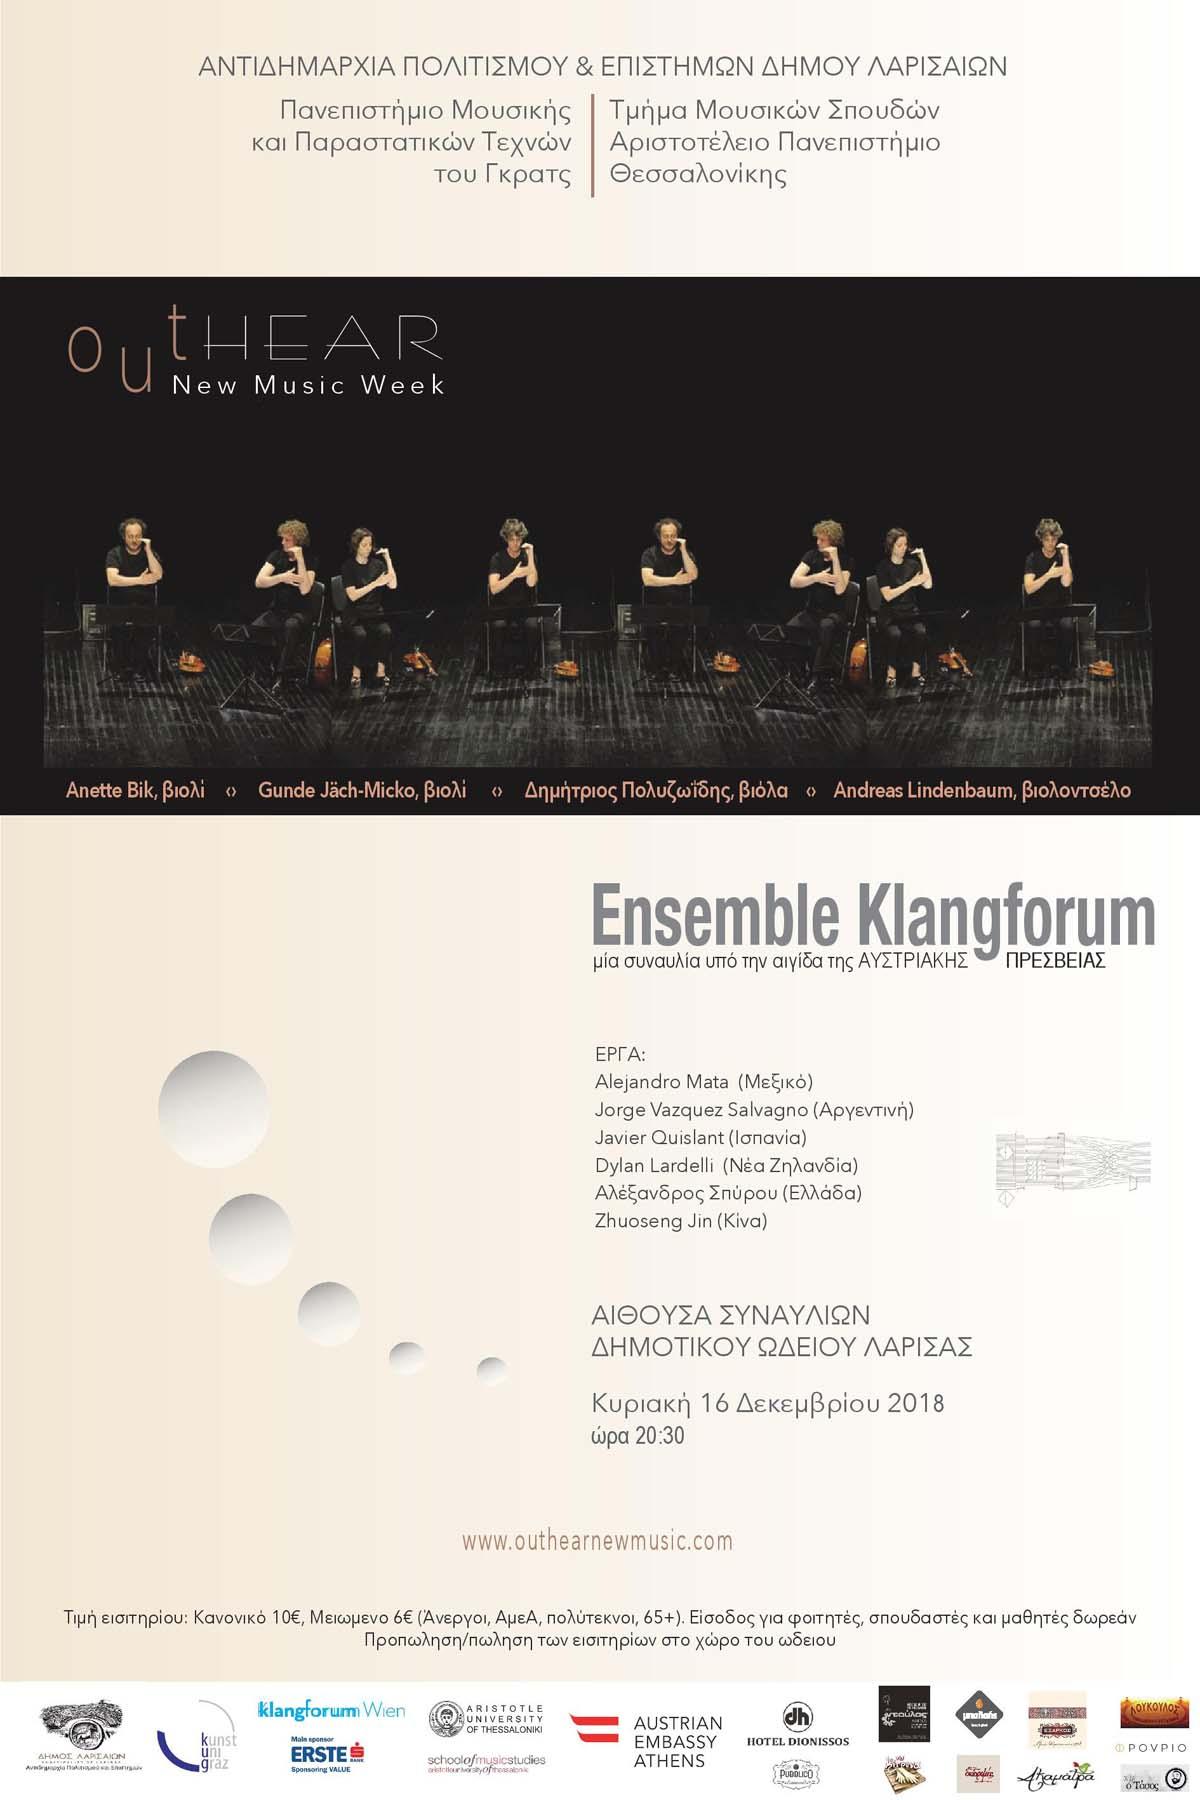 Οι συναυλίες της διεθνούς μουσικής εβδομάδας στο ΔΩΛ